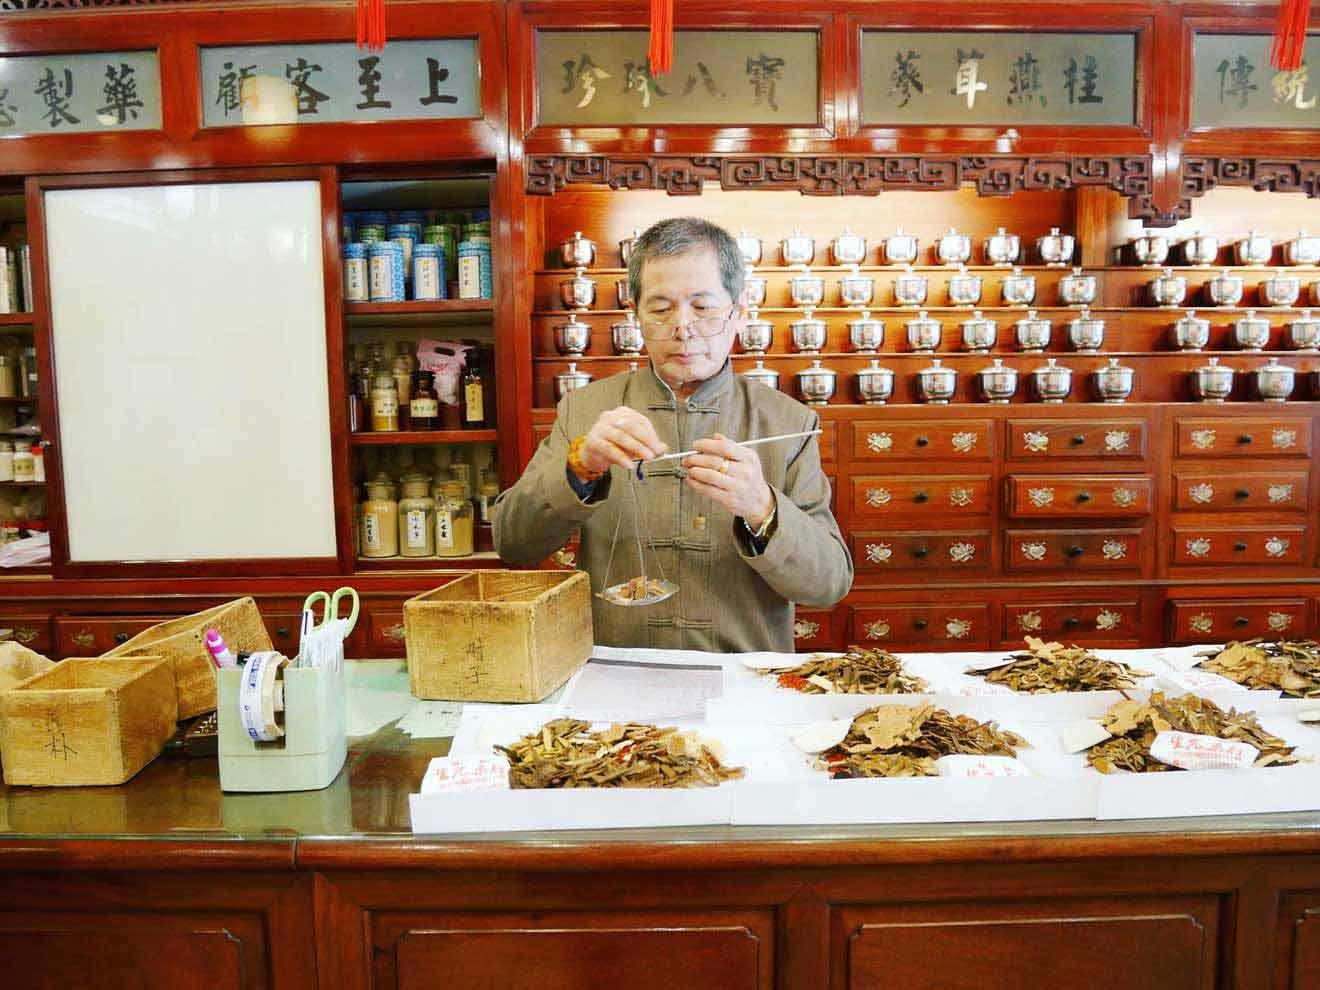 ついにはじめた台湾漢方生活 日本語OKな老舗店がありました